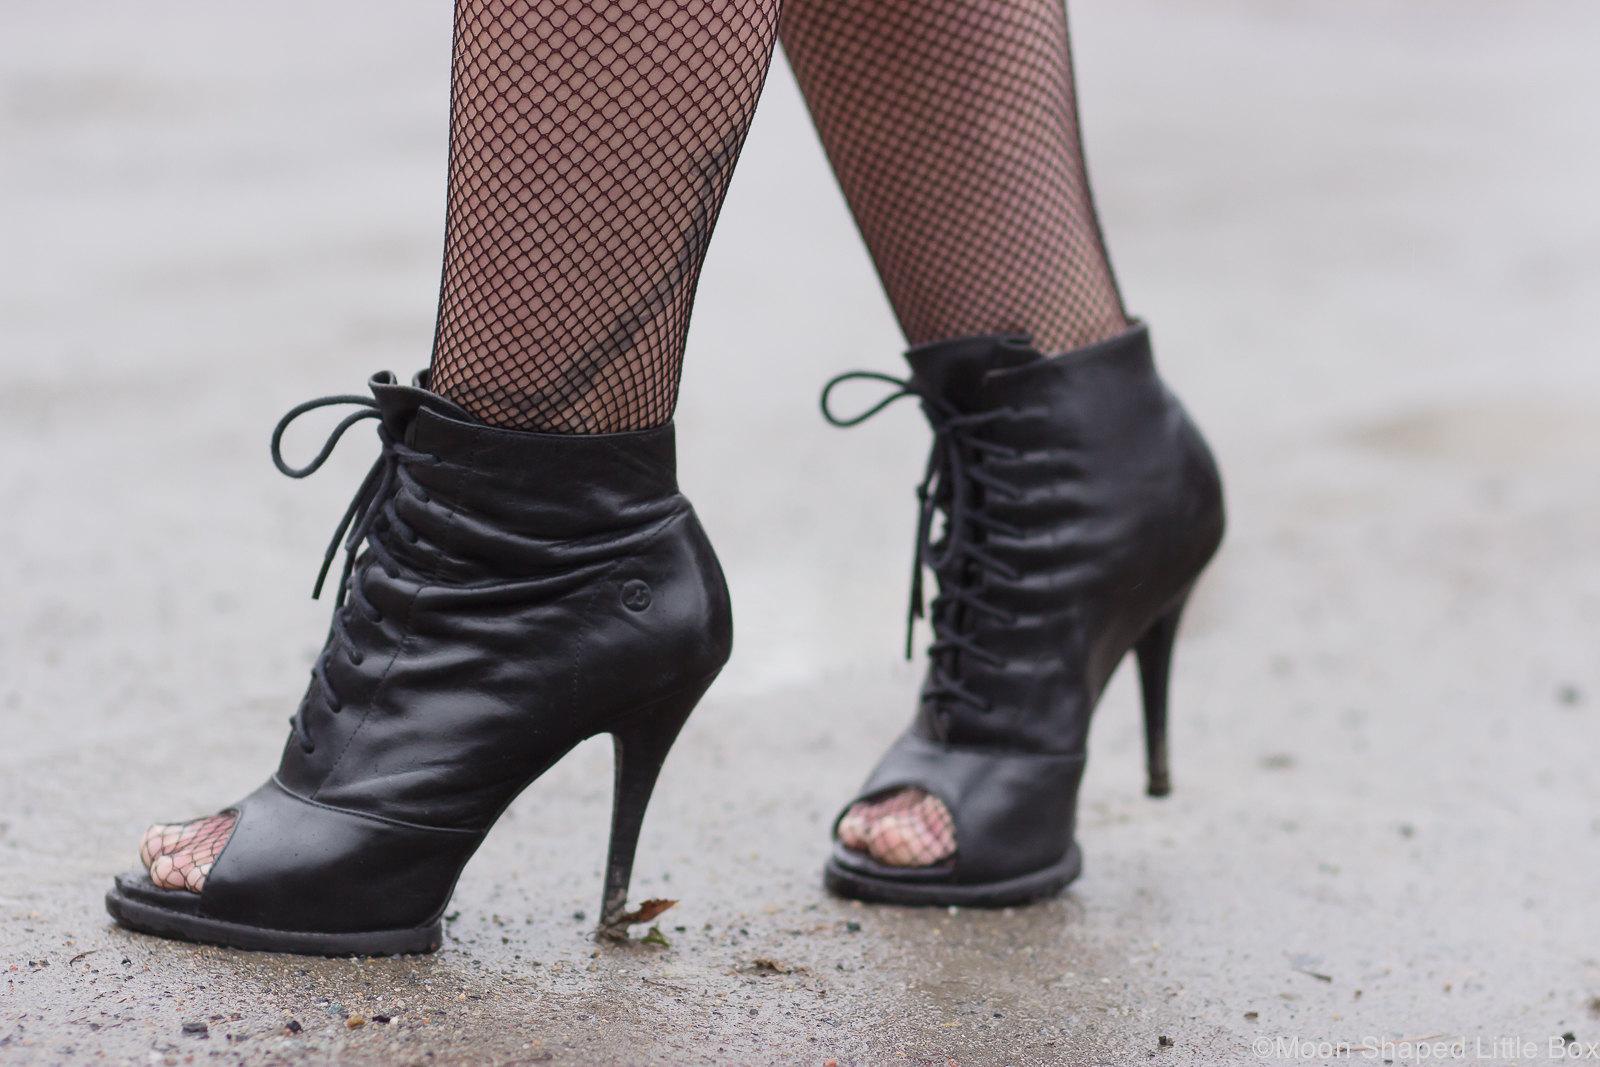 Bronx_korkokengat_peeptoe_stiletto_heels